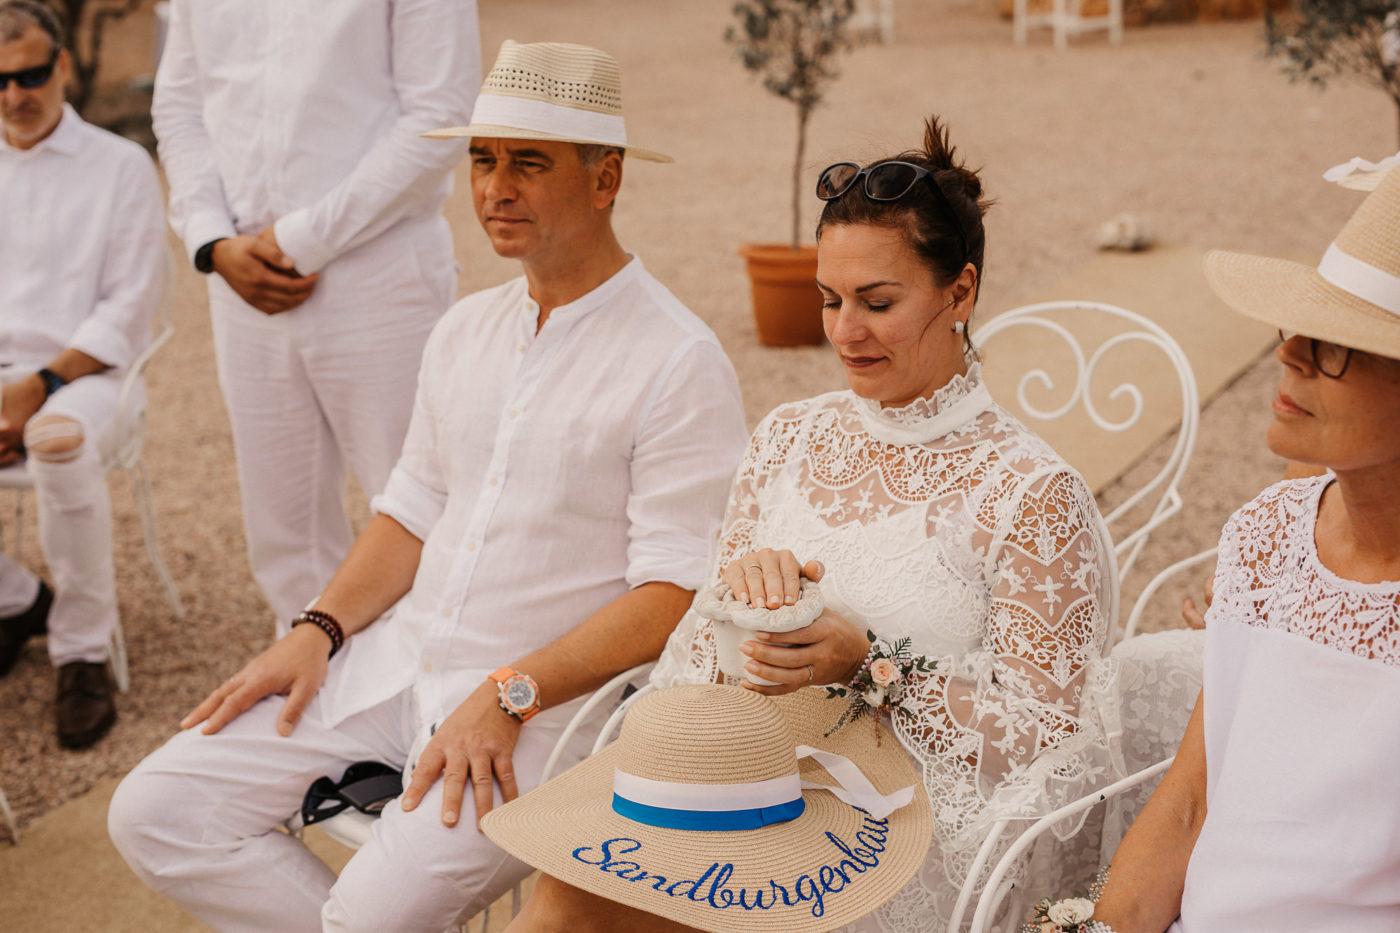 Hochzeitsgast während eines Traurituals mit den Eheringen